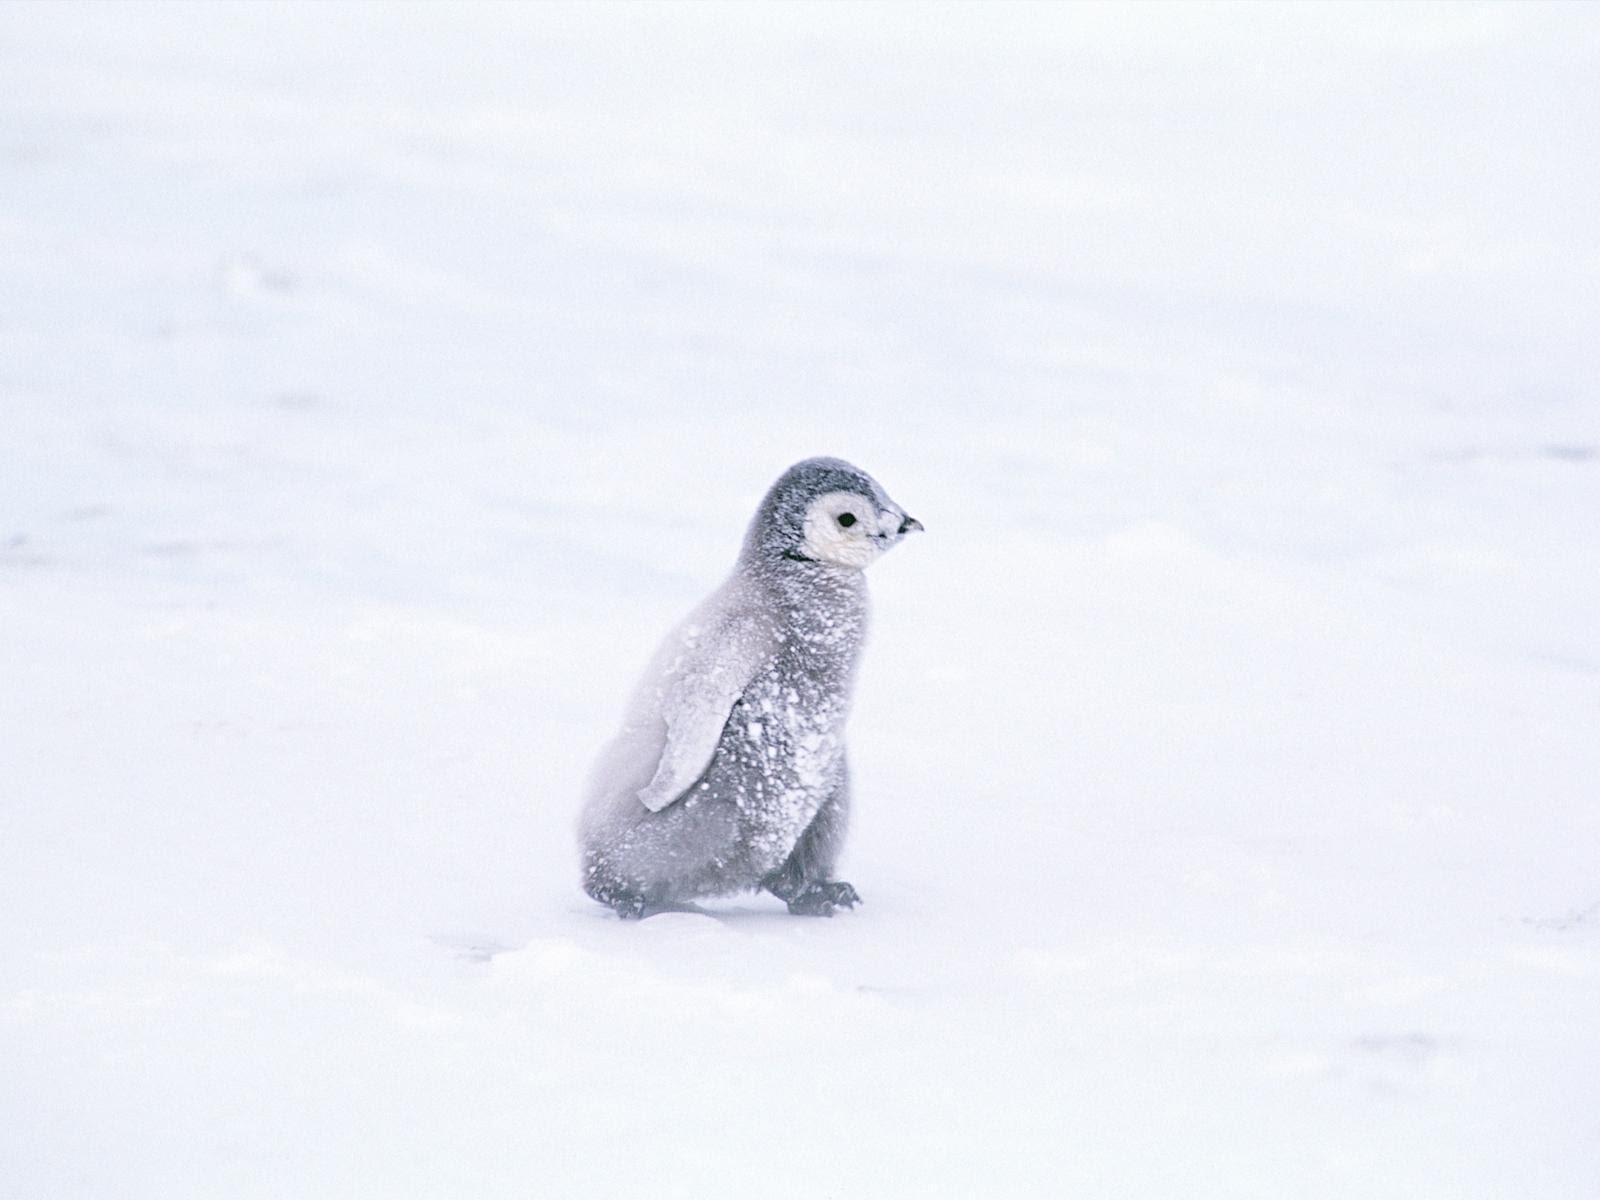 ペンギンの壁紙 Wallpaper Pad 壁紙まとめサイト